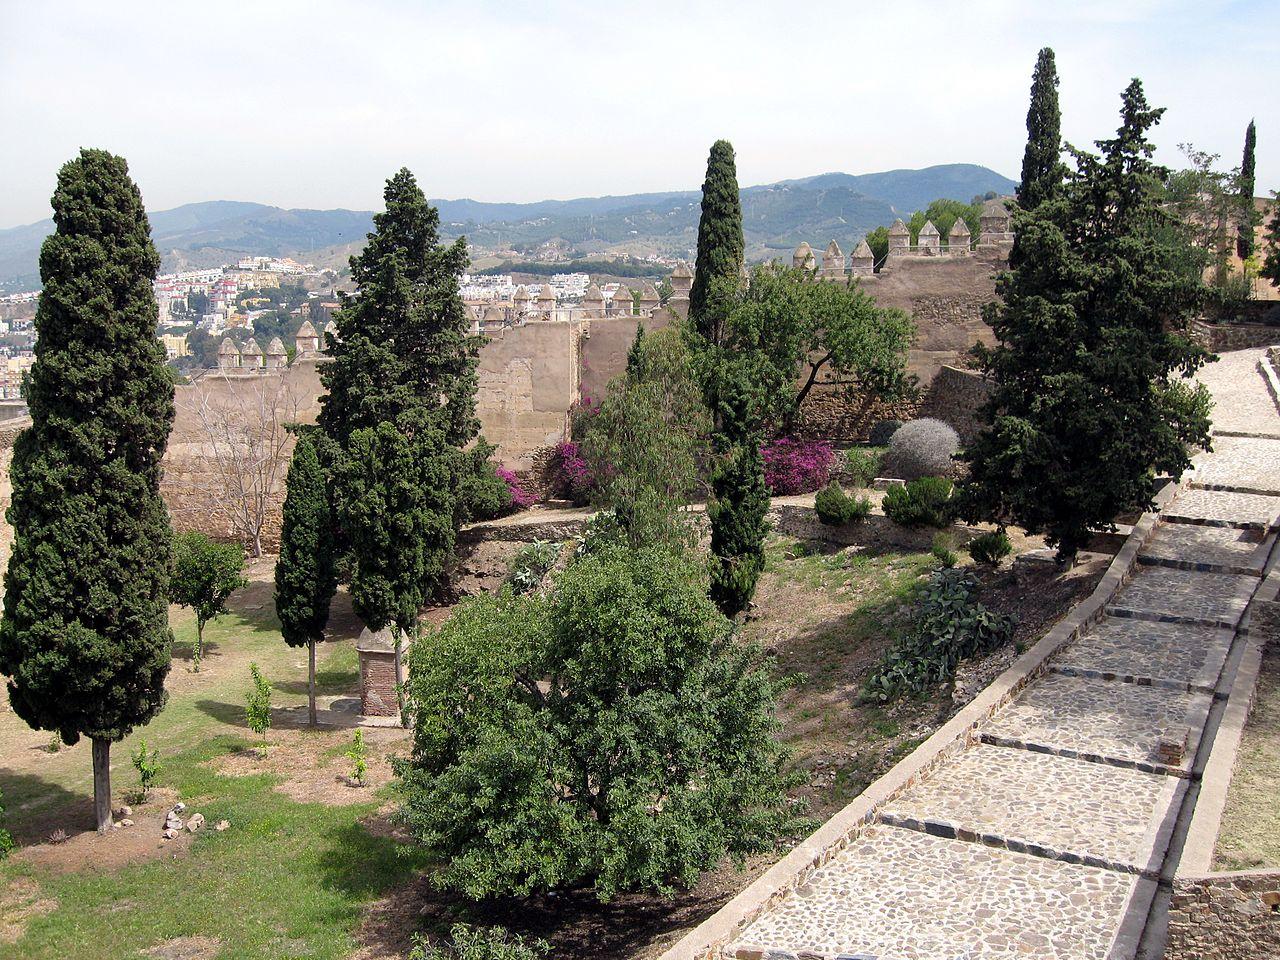 Арабская крепость Хибральфаро, сад